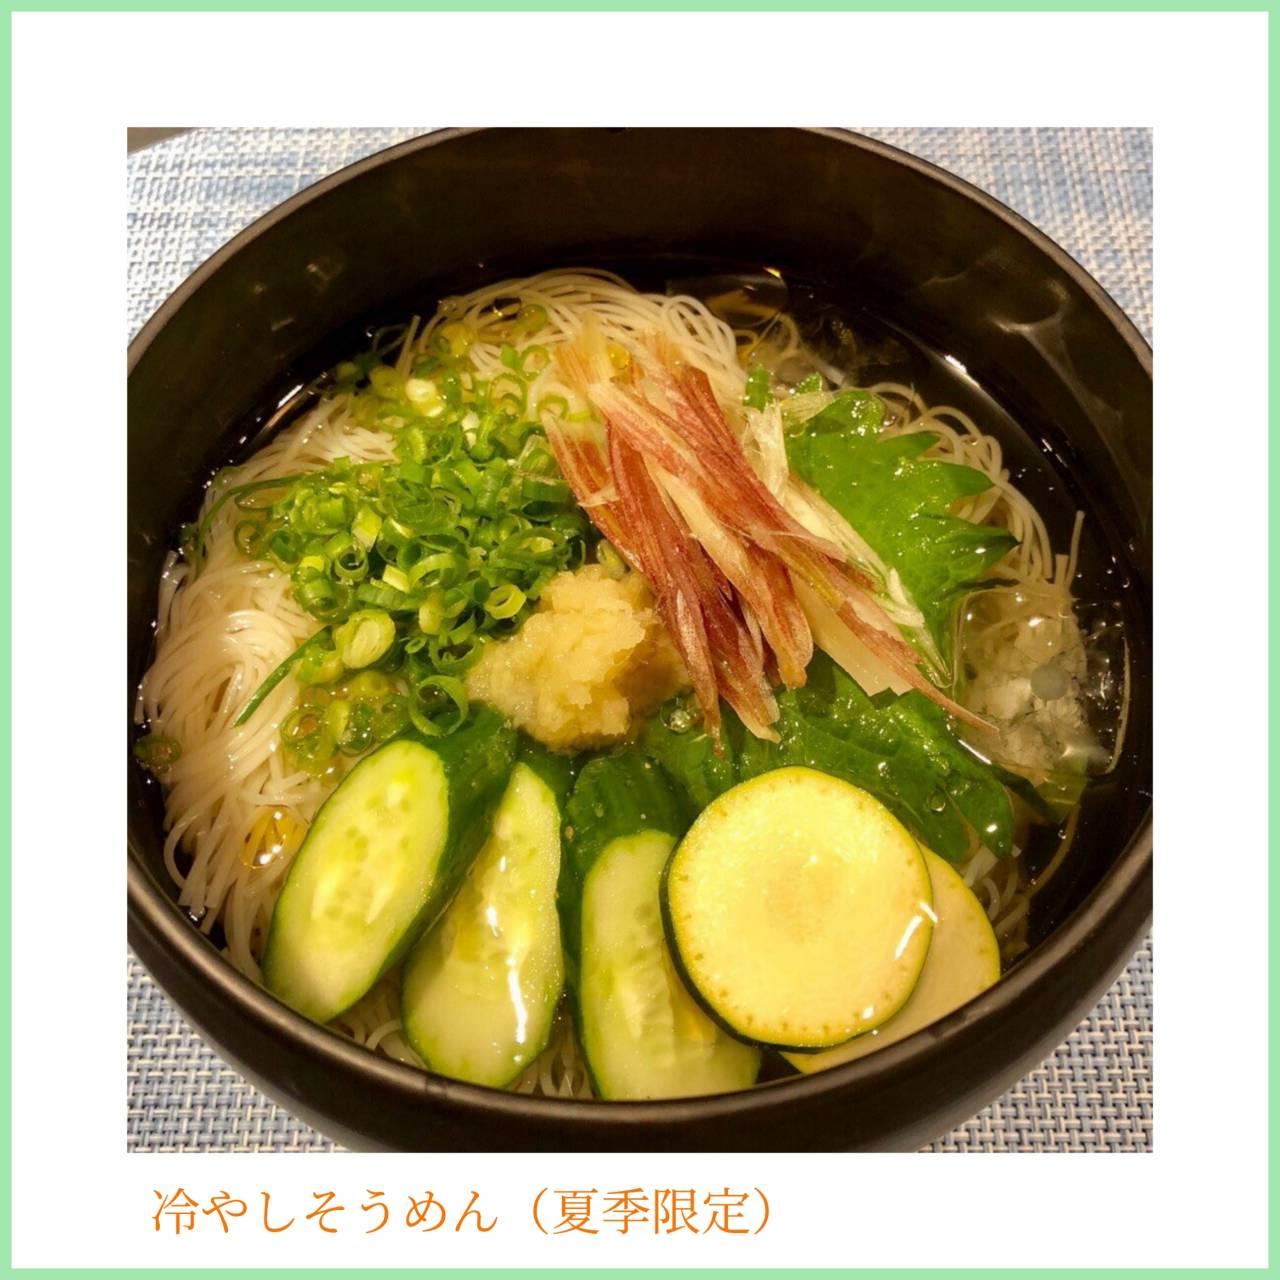 05_r_menu_item